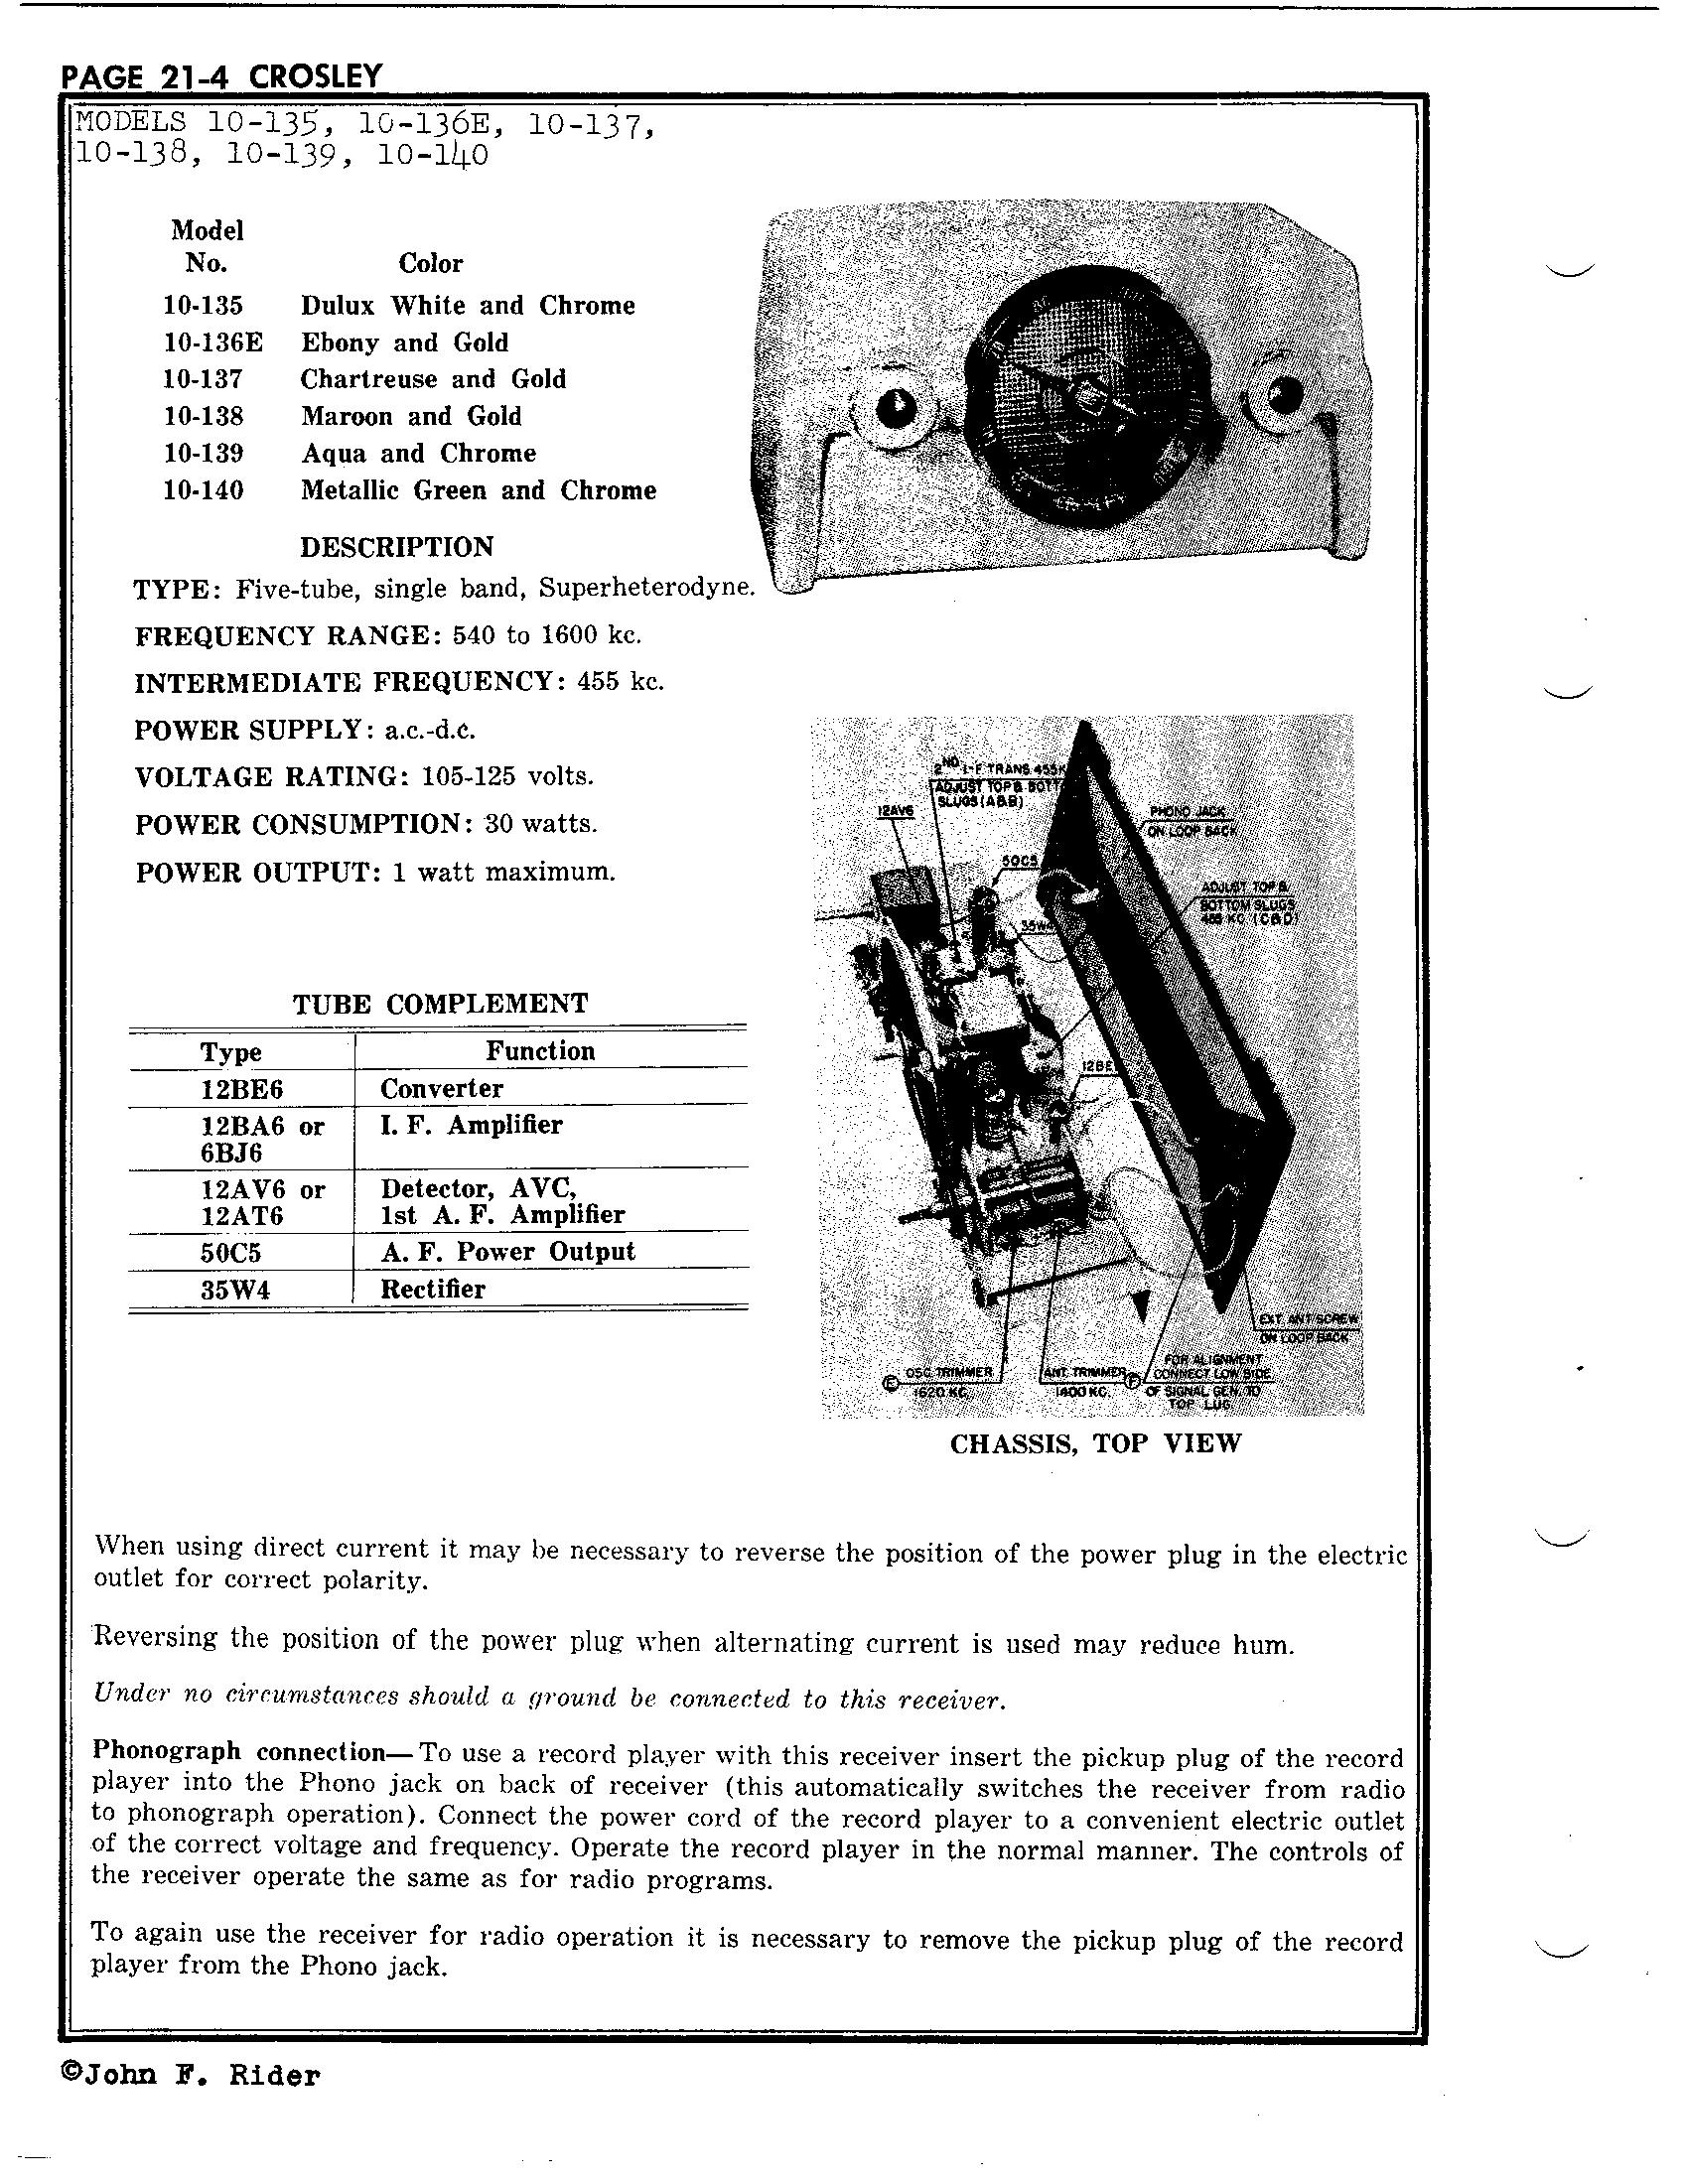 Crosley Corp 10 136e Antique Electronic Supply